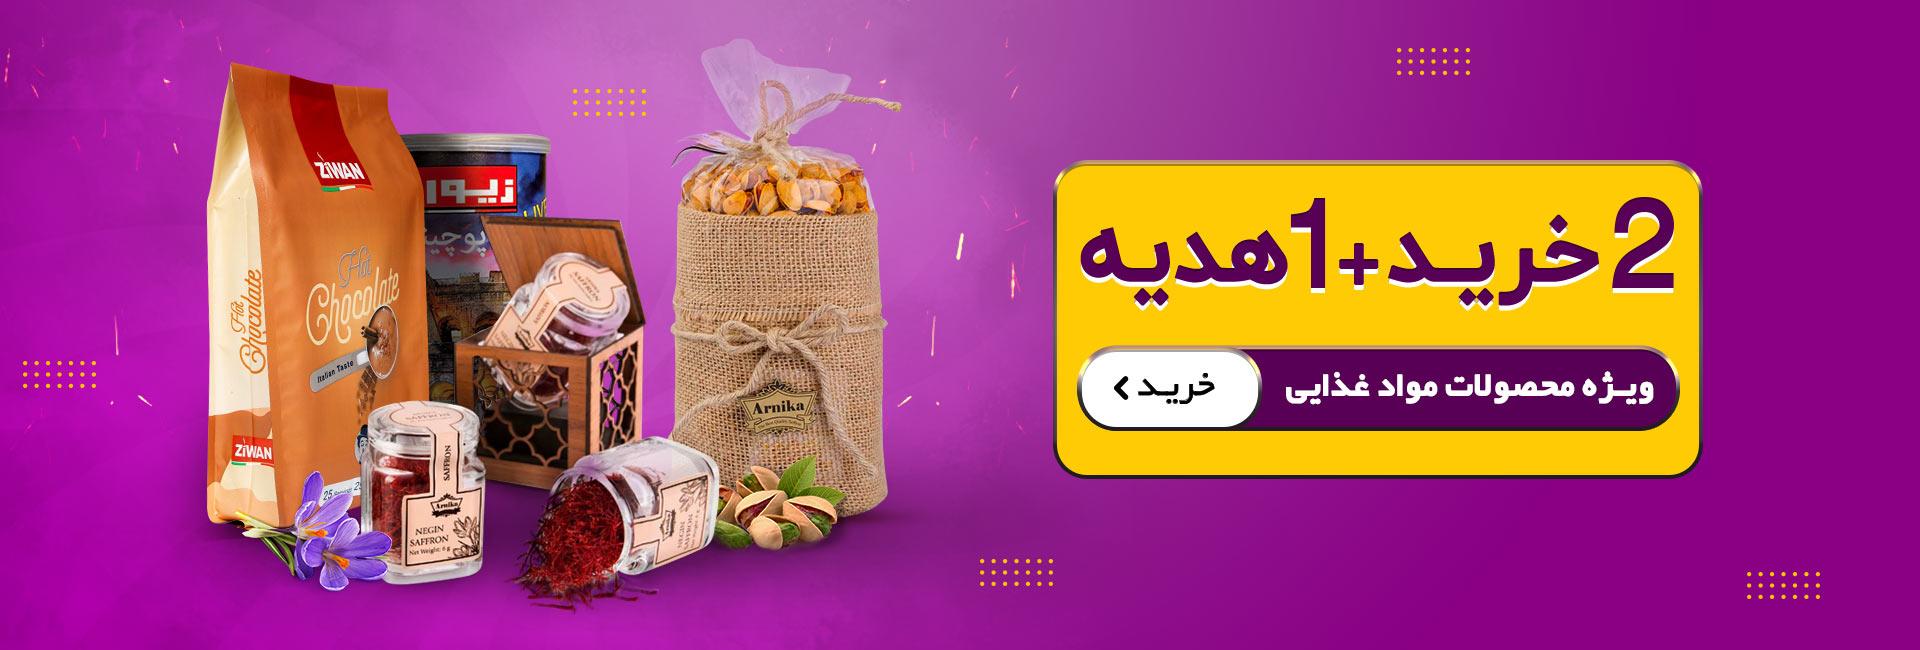 جشنواره 2خرید +1 هدیه مواد غذایی